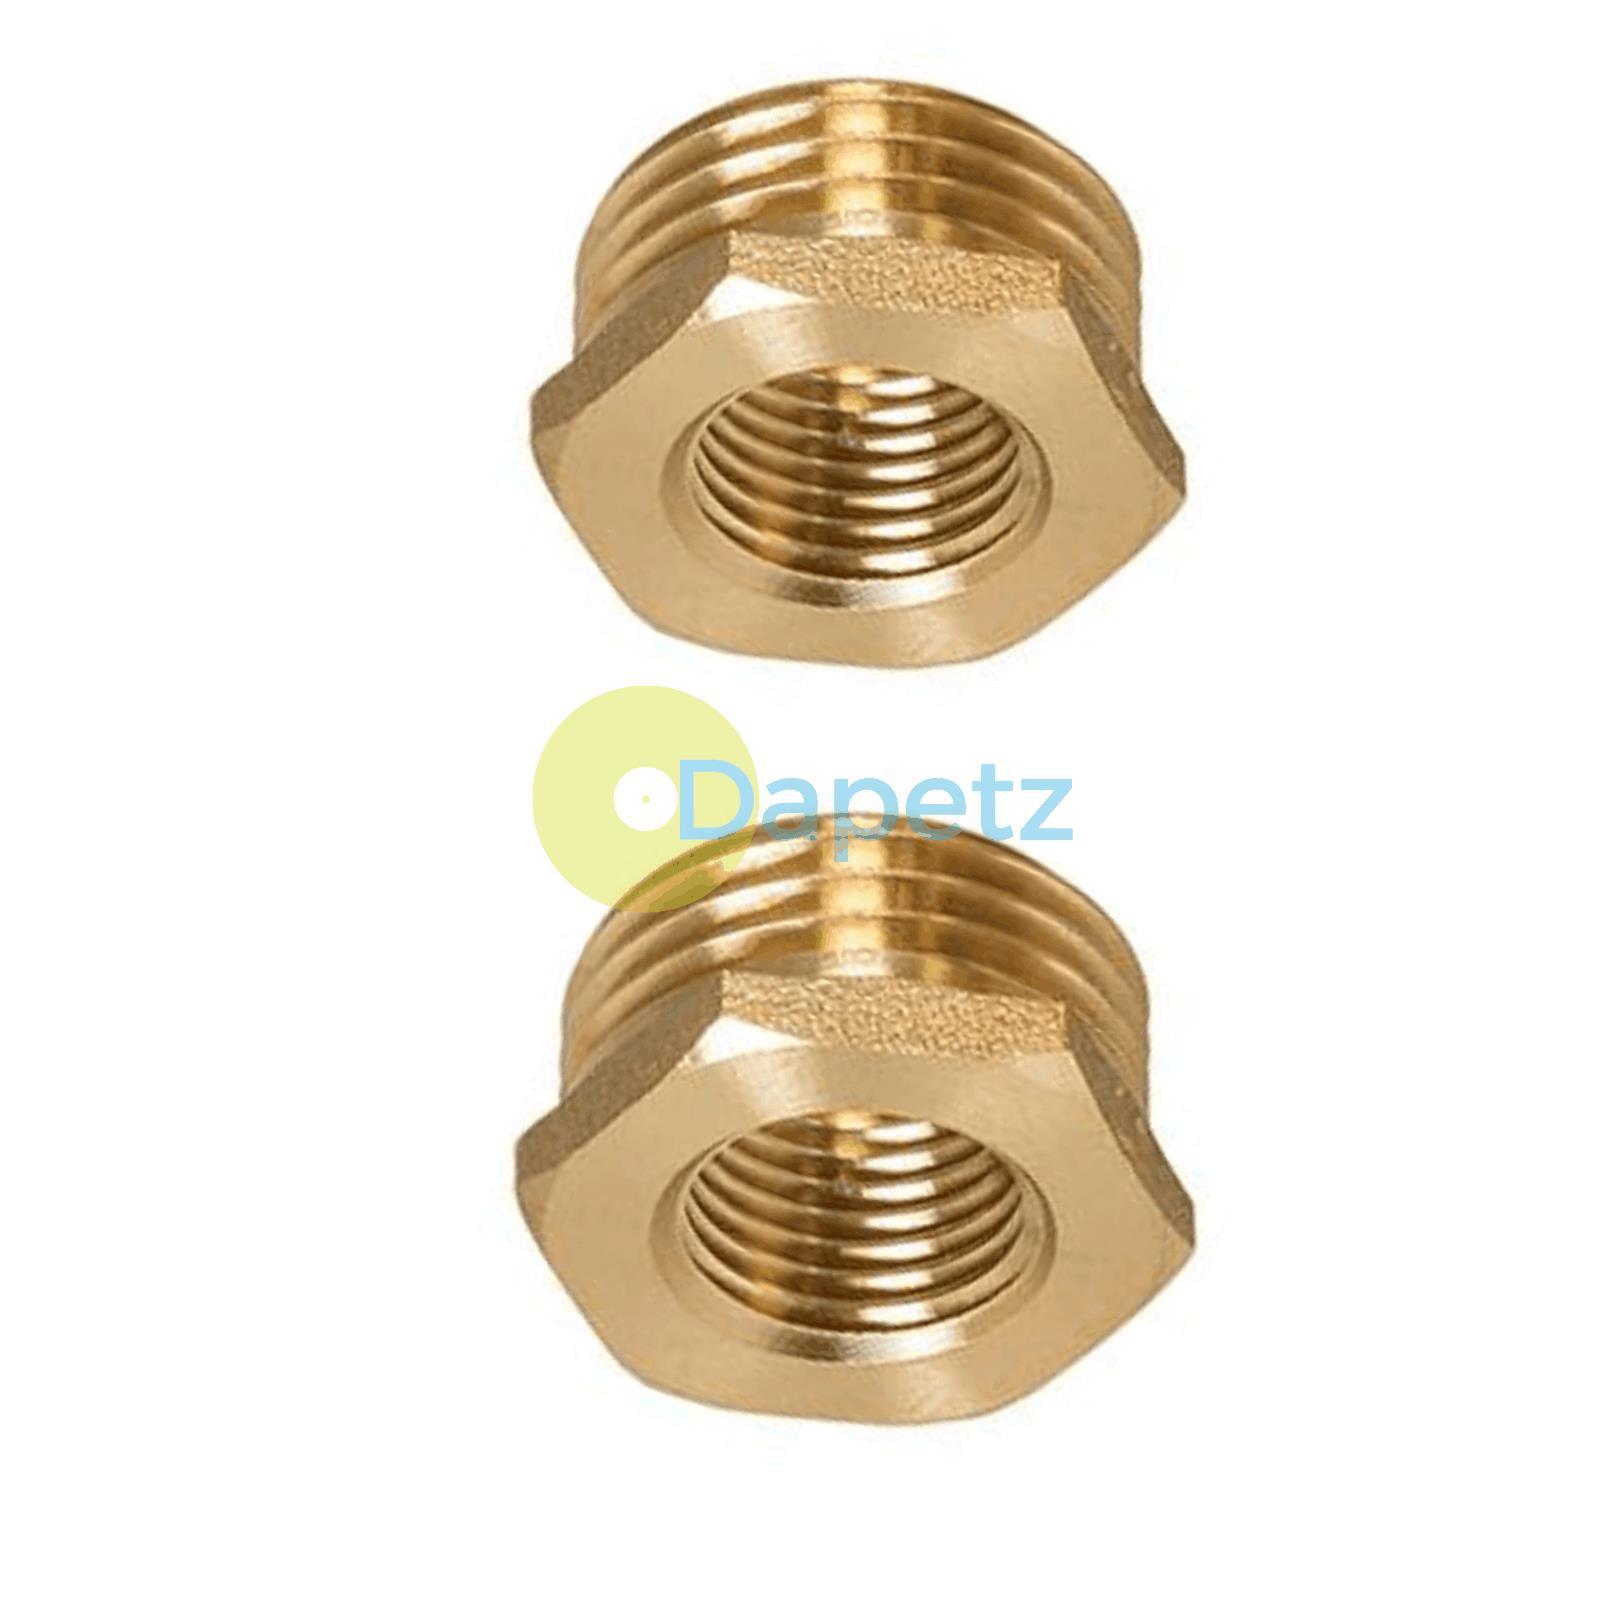 Brass-Reducing-Hexagone-Bush-BSP-Male-a-Femelle-Adaptateur-Connecteur-WRAS-approuves miniature 18